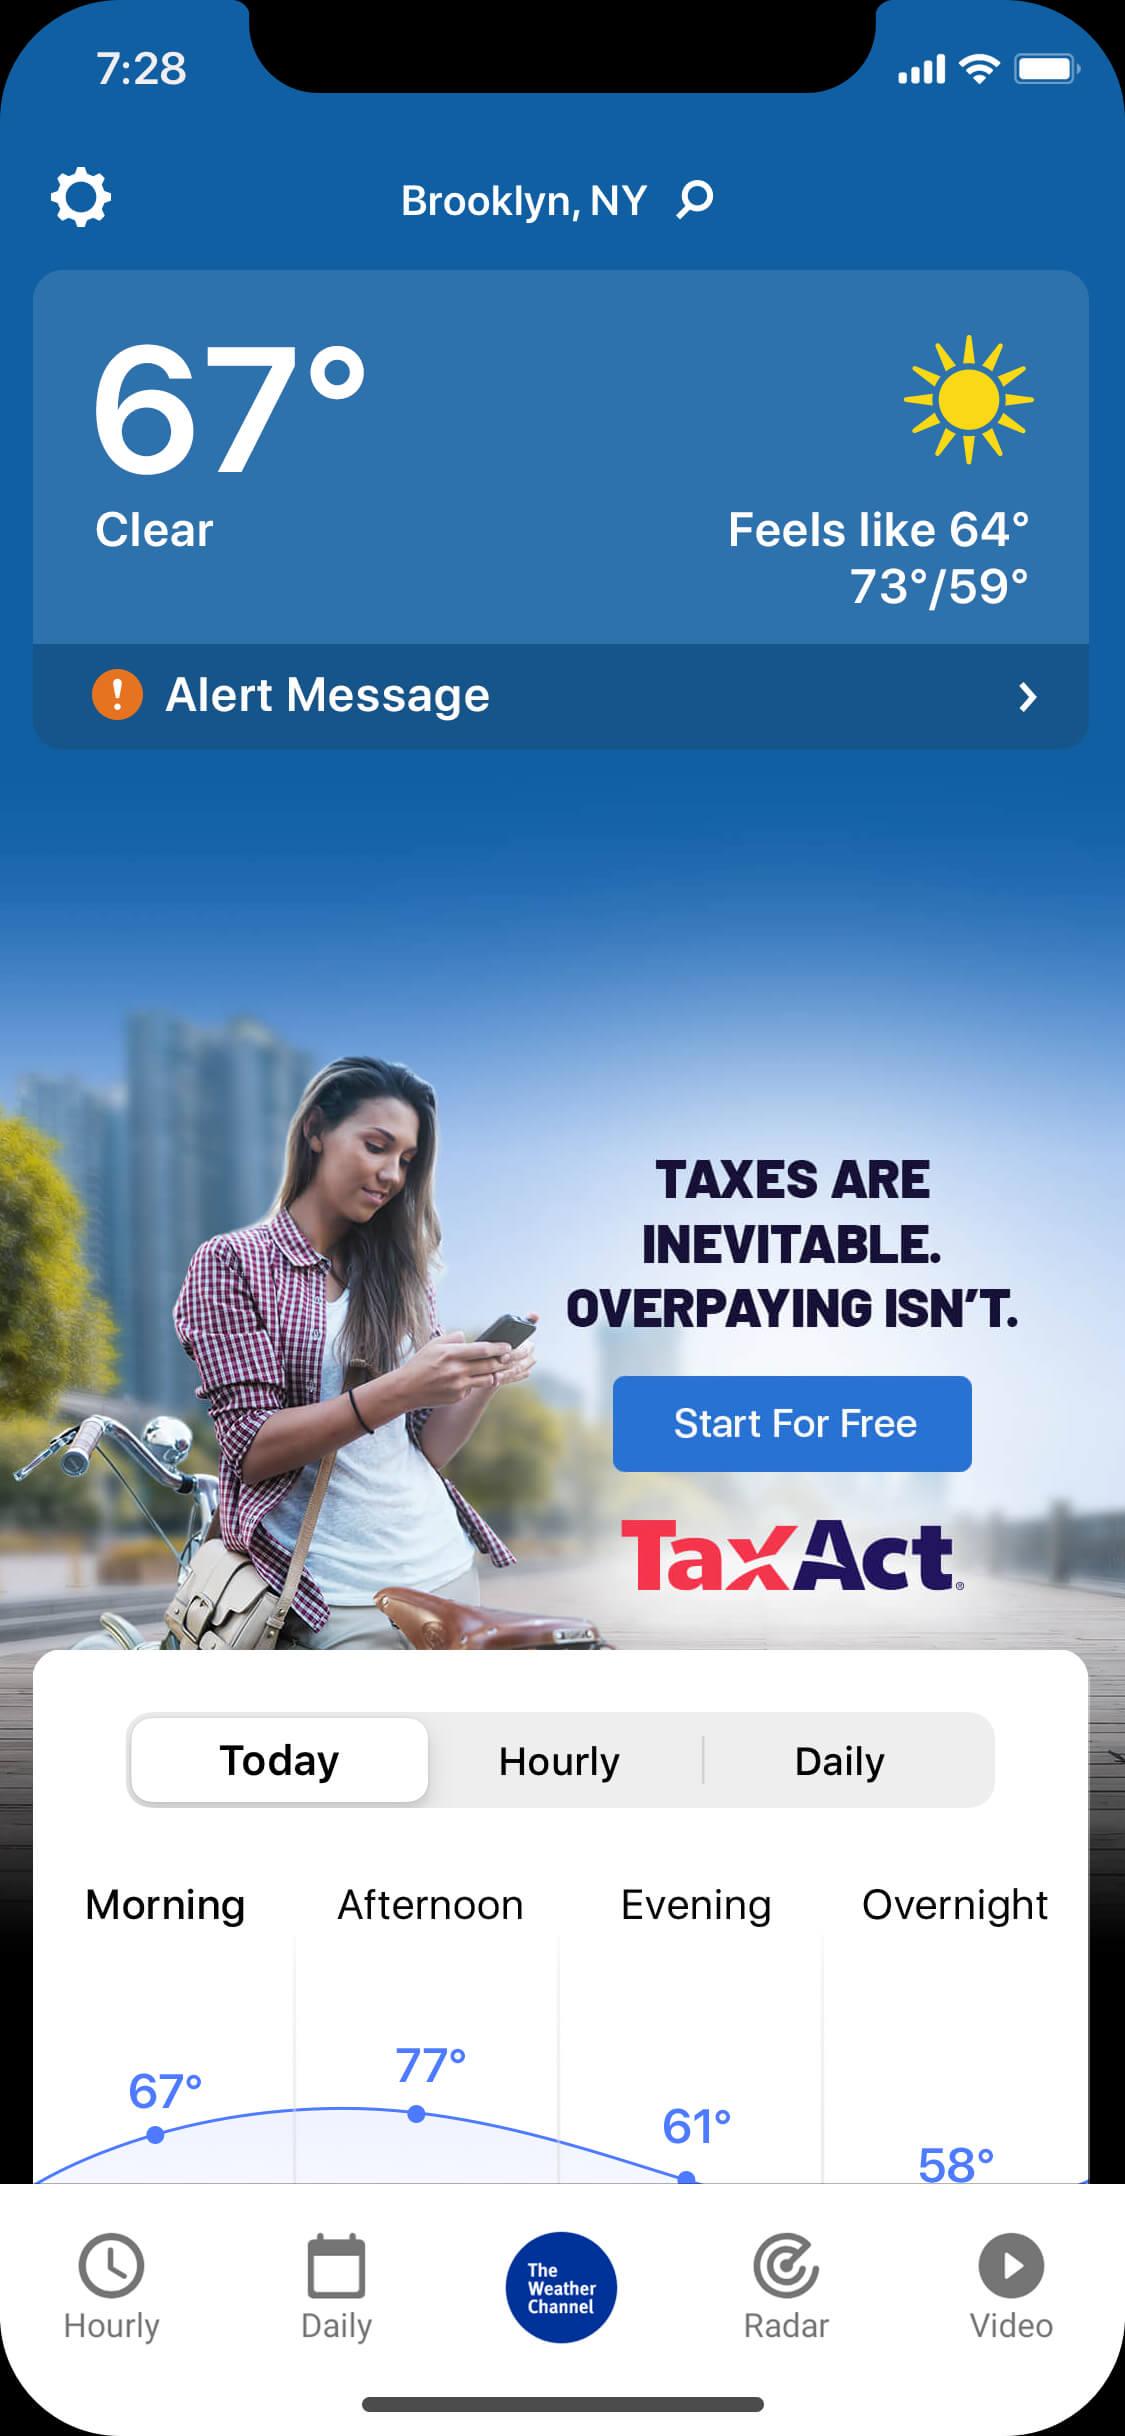 taxact-maim-clear-day